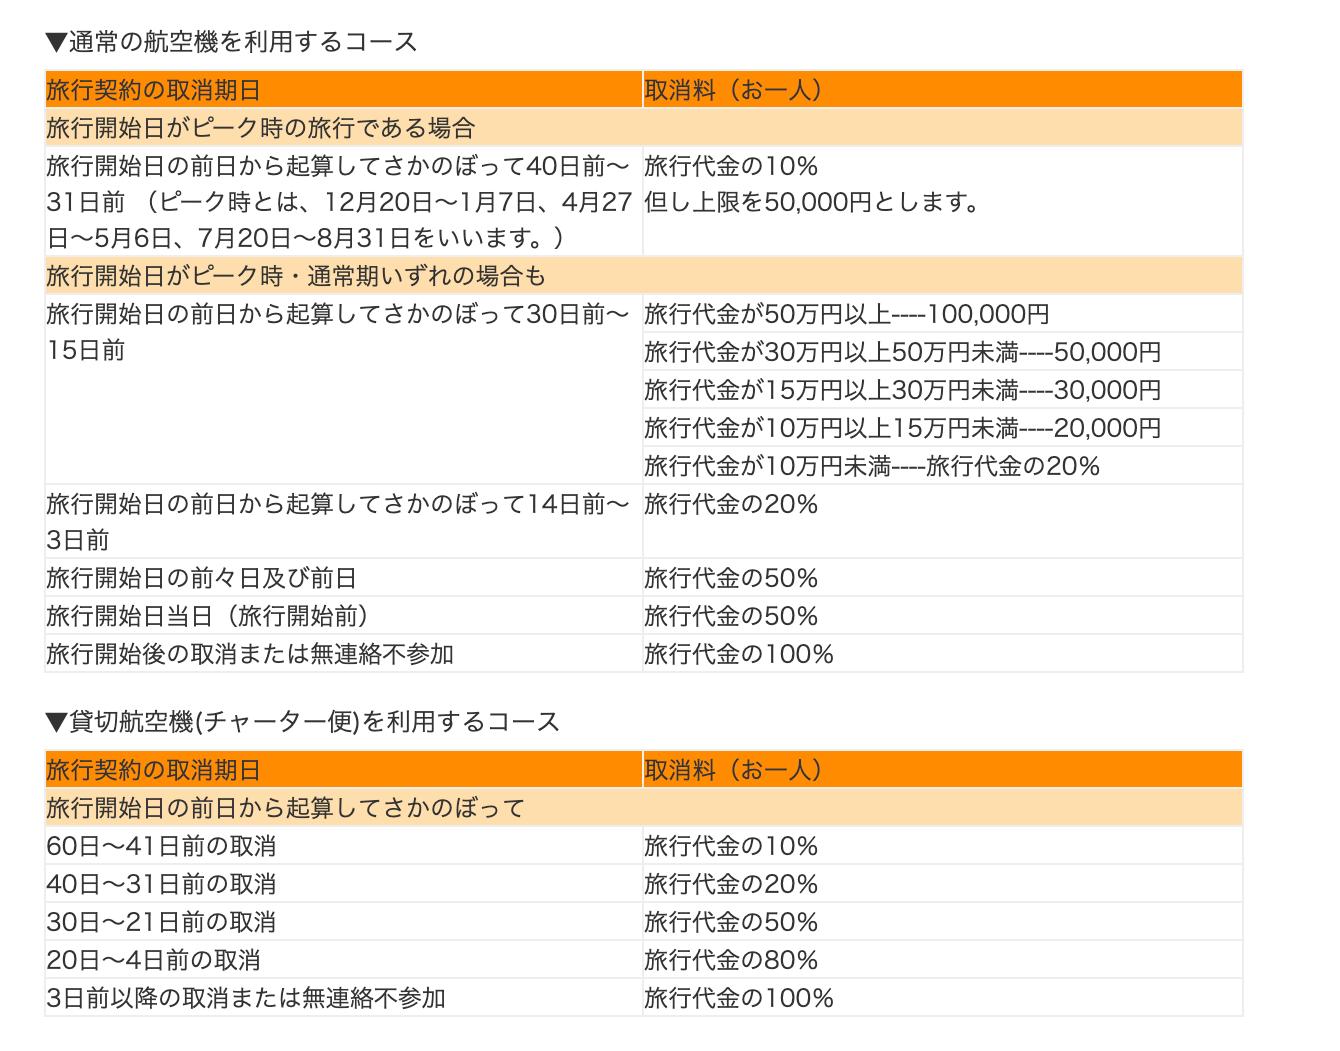 近畿日本ツーリストの海外ツアー予約のキャンセル料